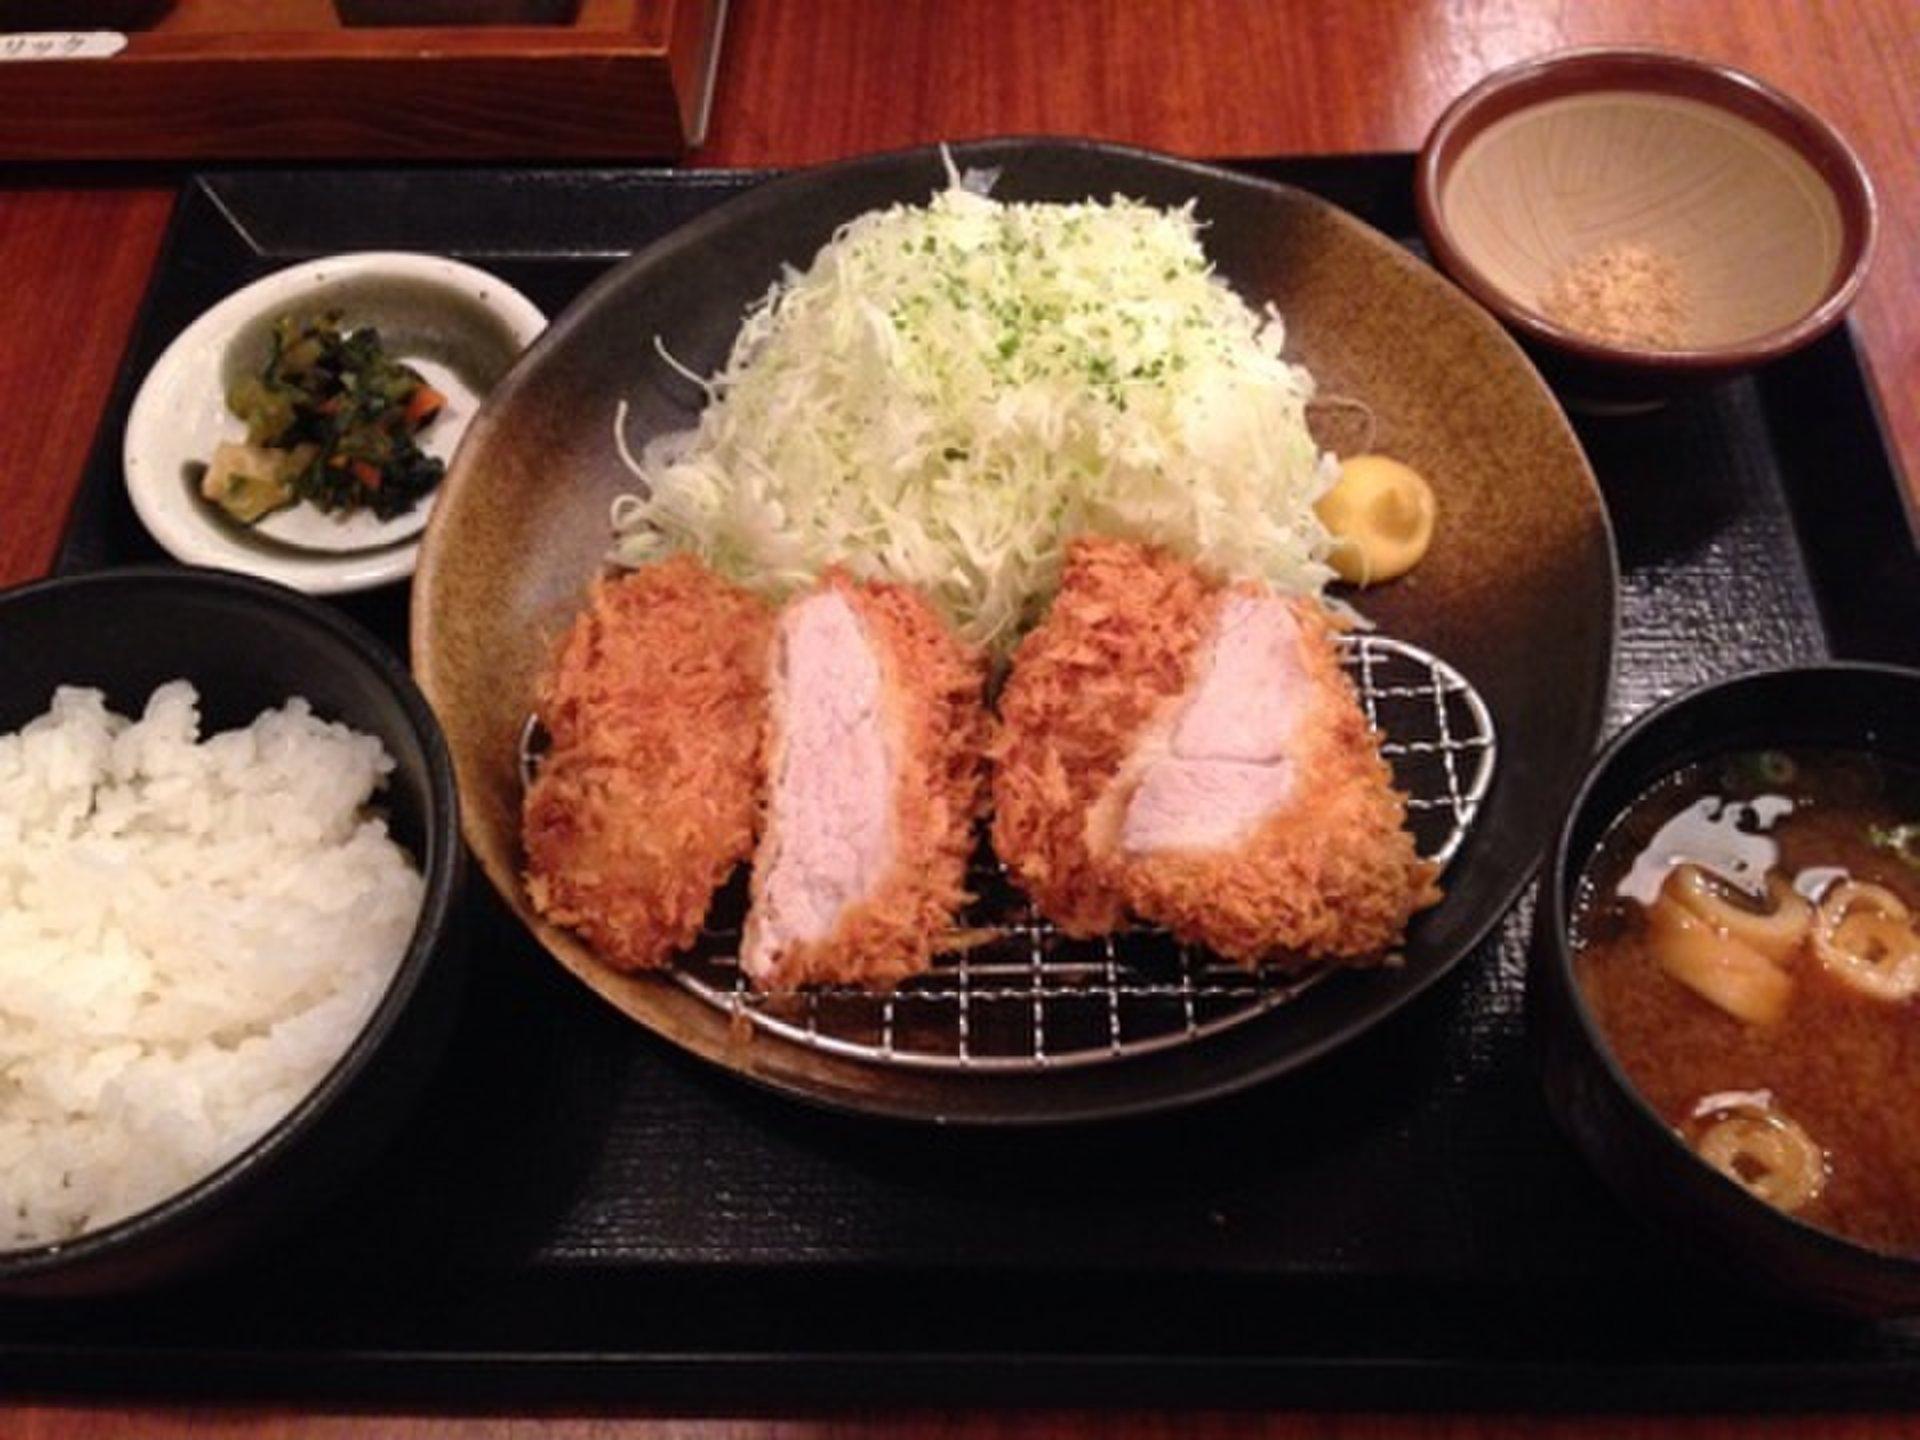 お肉が食べたくなったら行きたい六本木エリアでおすすめのお店3選!